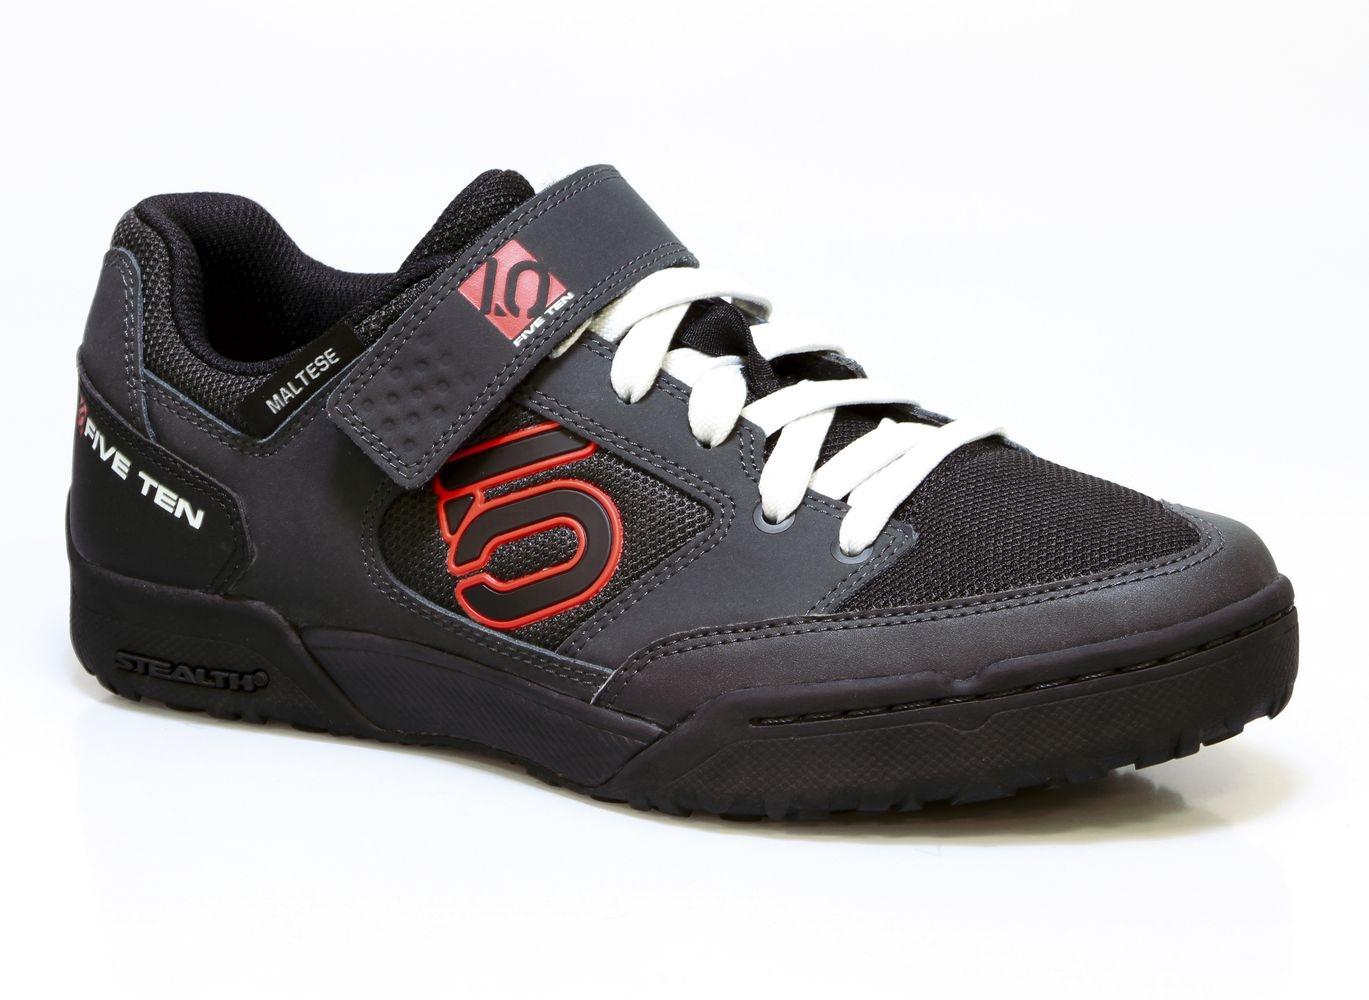 Chaussures Five Ten Maltese Falcon Noir Carbon/Rouge - UK-5.5 (39.0)